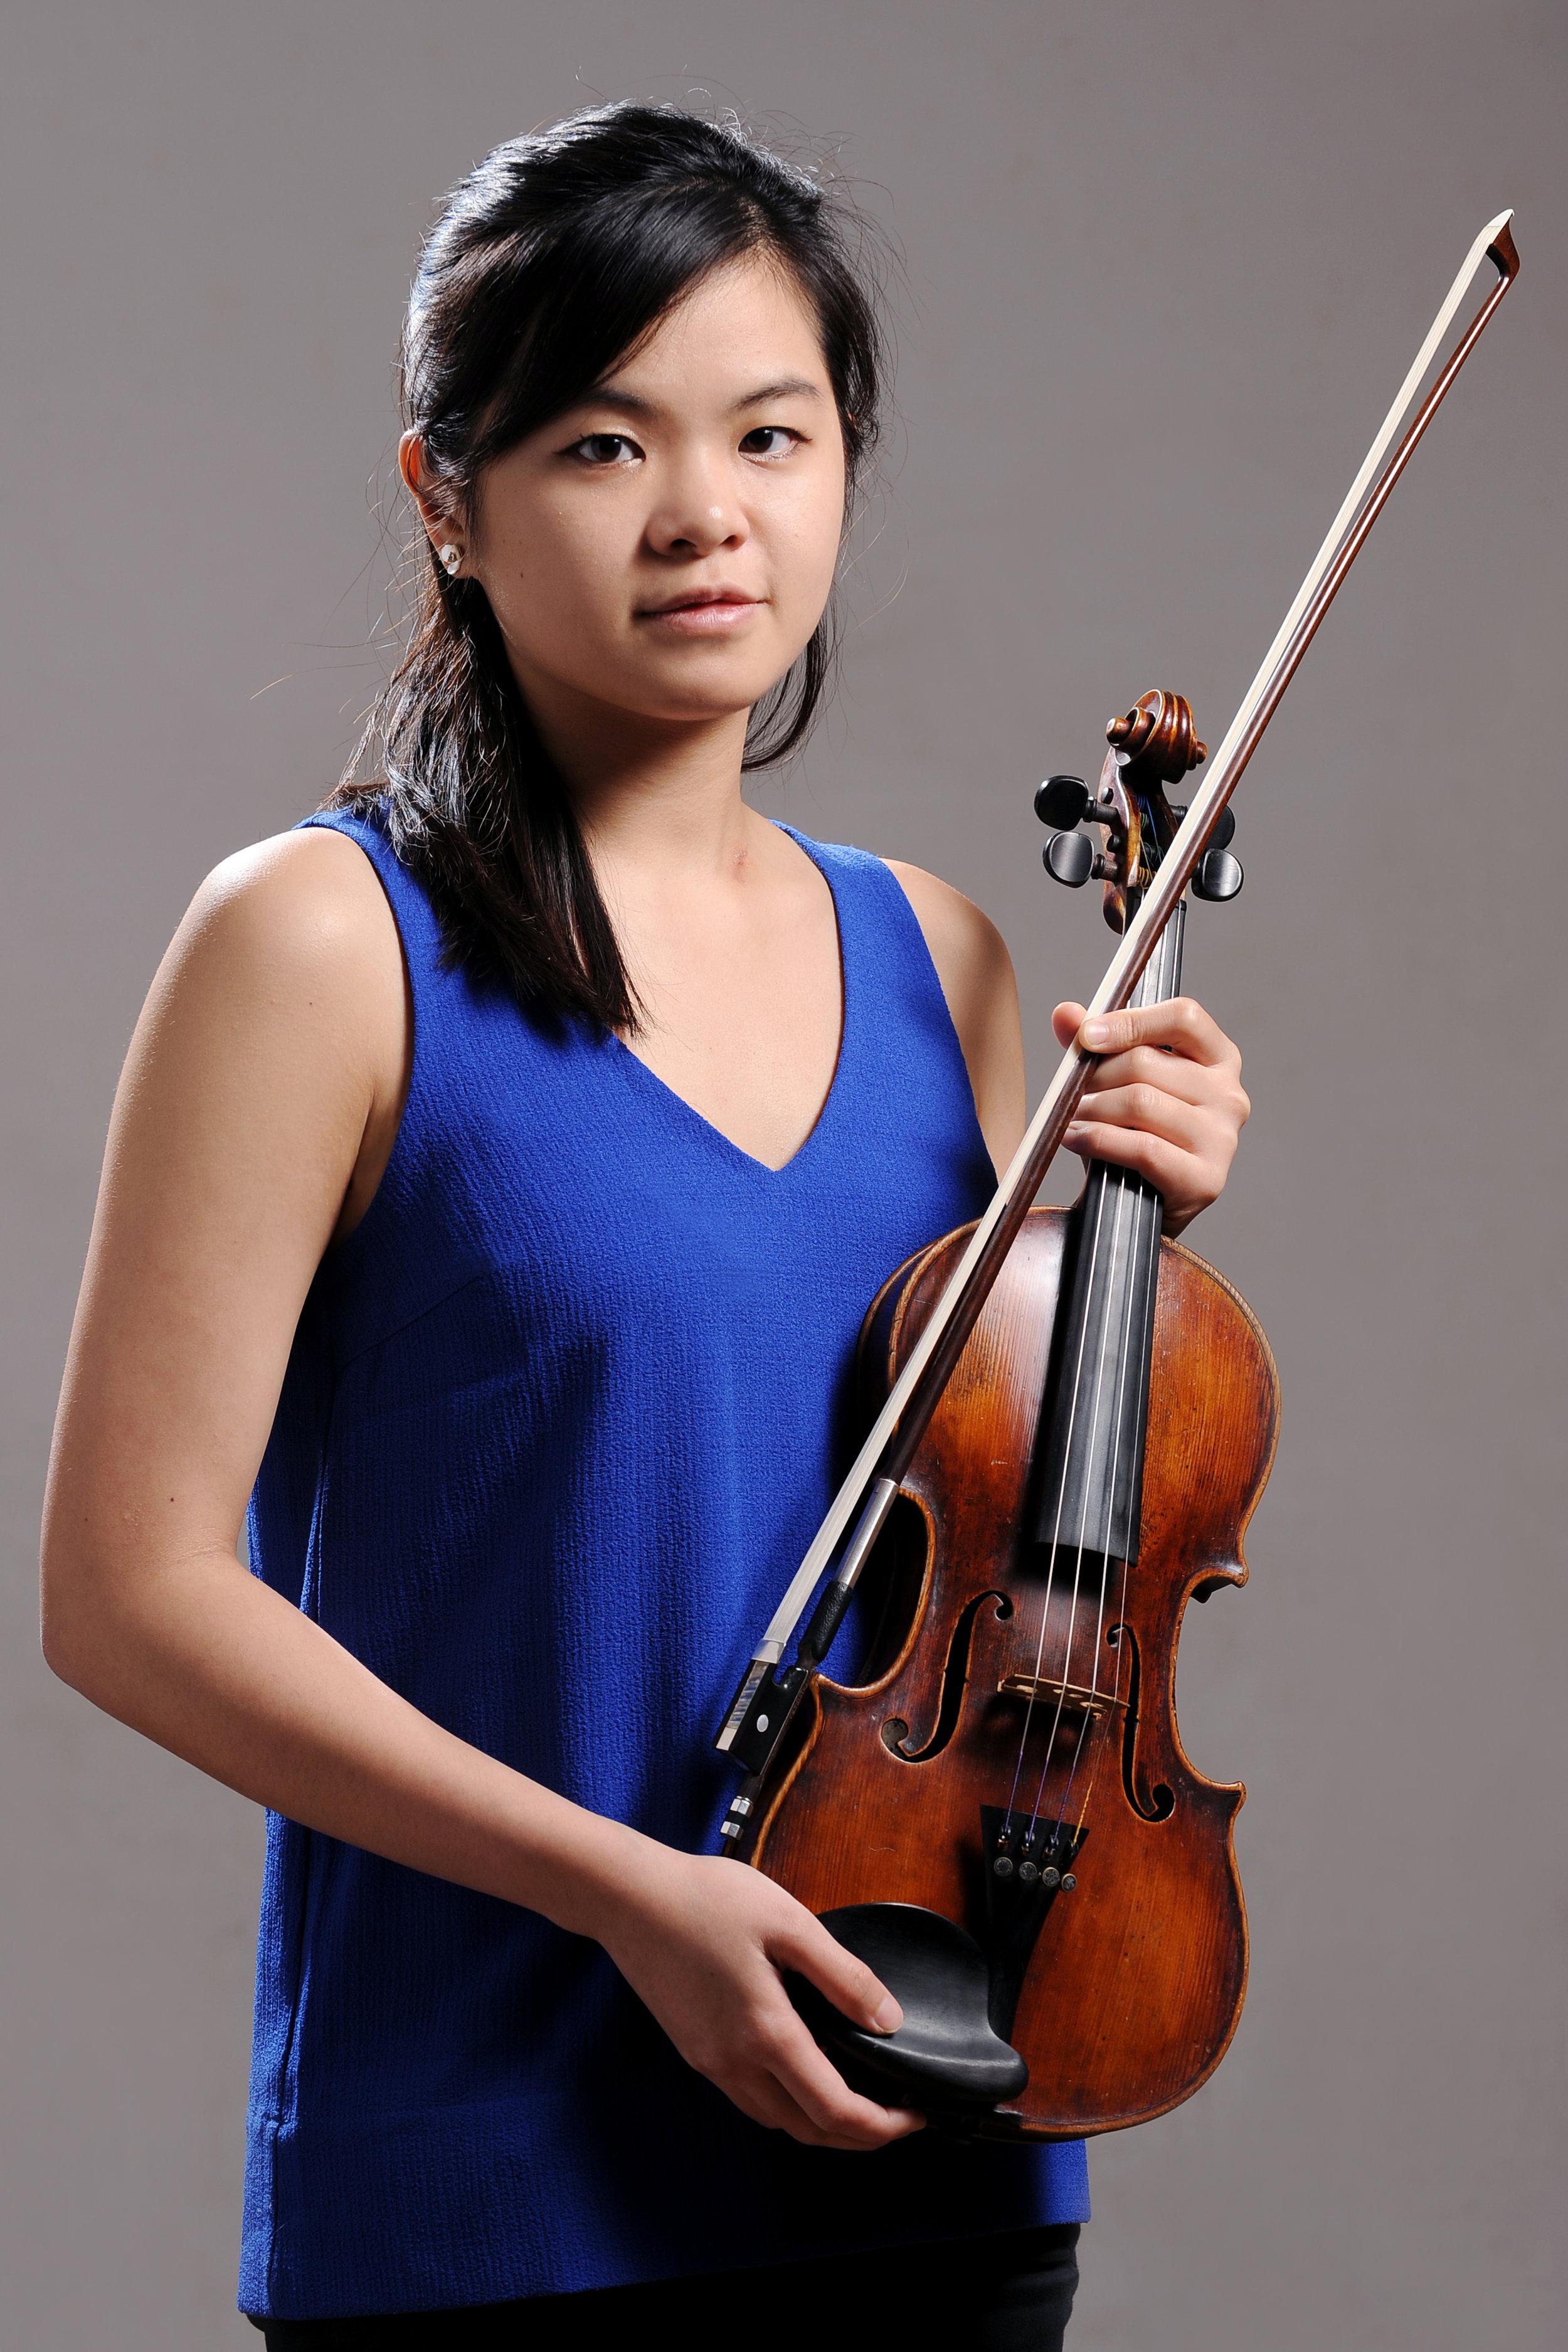 Copy of Li-Mei Liang.jpg